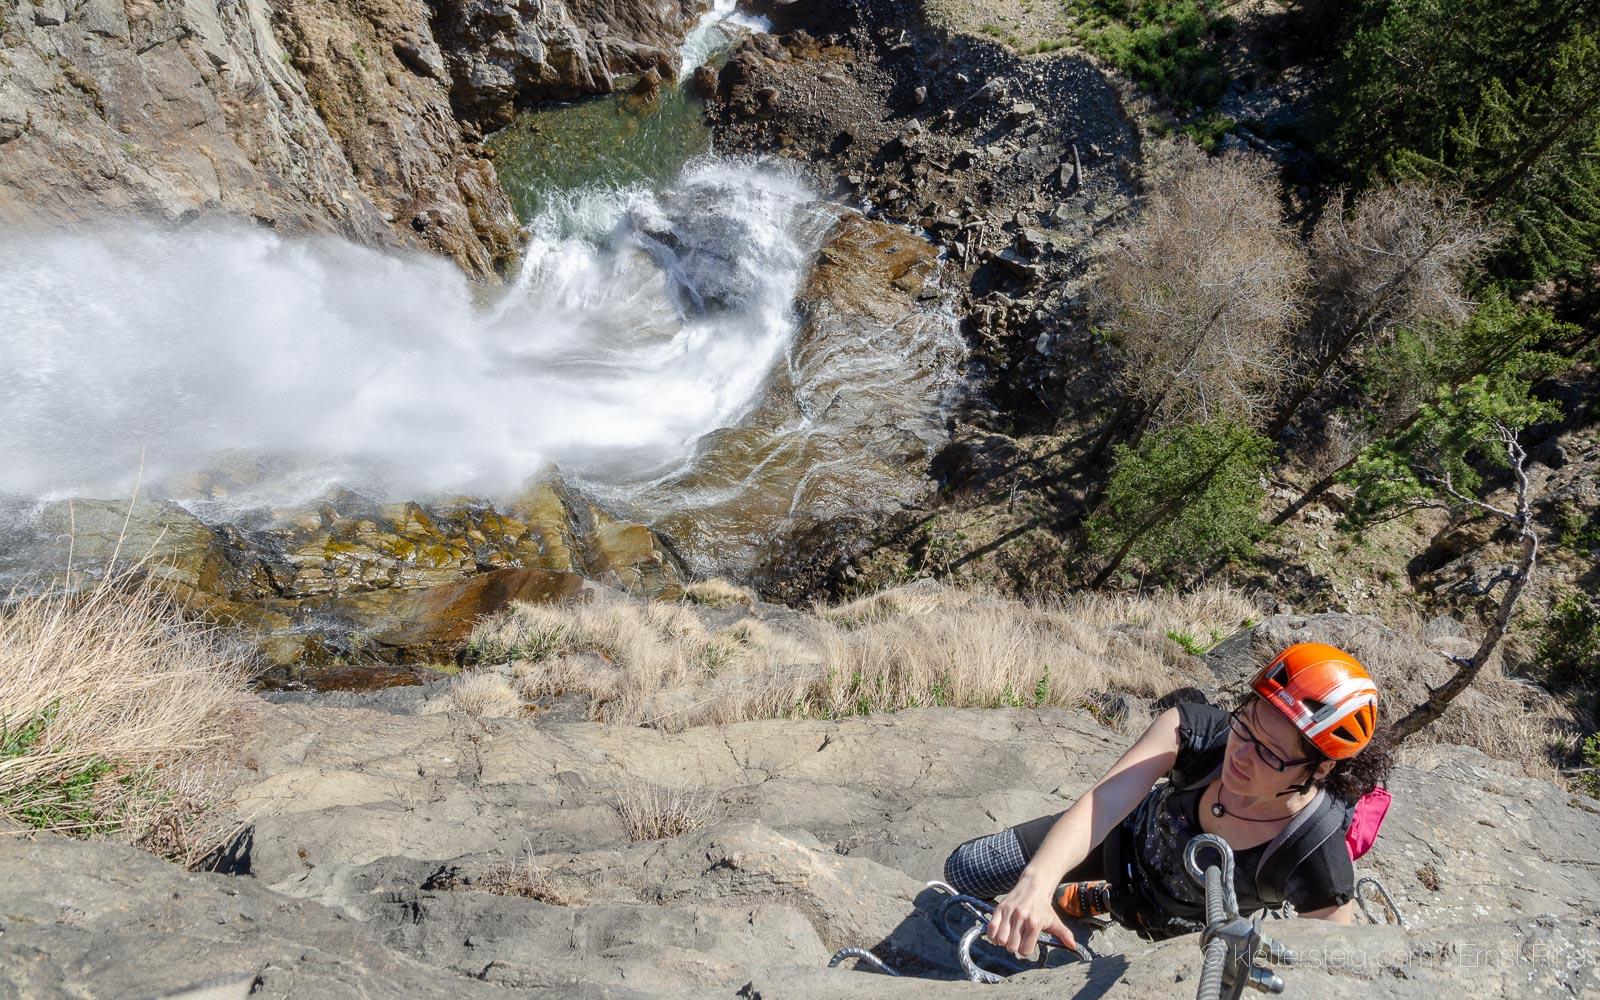 Klettersteig Zirbenwald : Ötztaler klettersteig vergnügen am laufenden band klettersteige